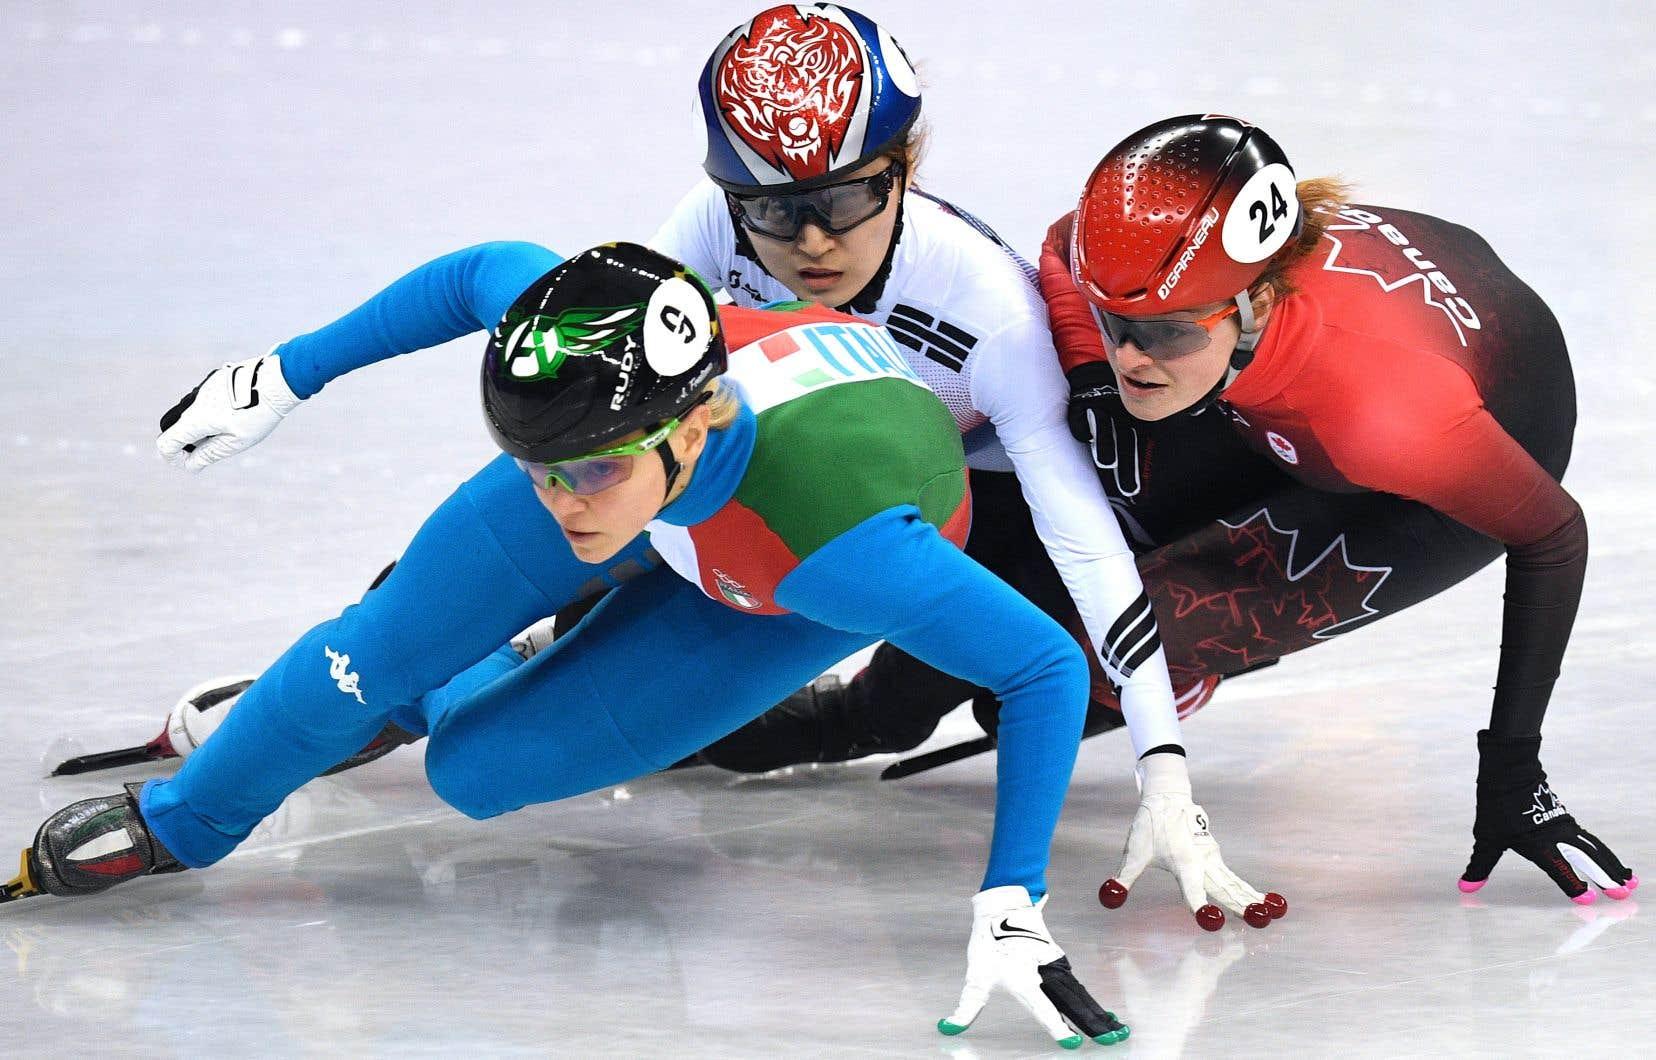 La patineuse de vitesse québécoise Kim Boutin (à droite) a subi l'accrochage de la Coréenne Choi Minjeong (au centre), finalement disqualifiée.